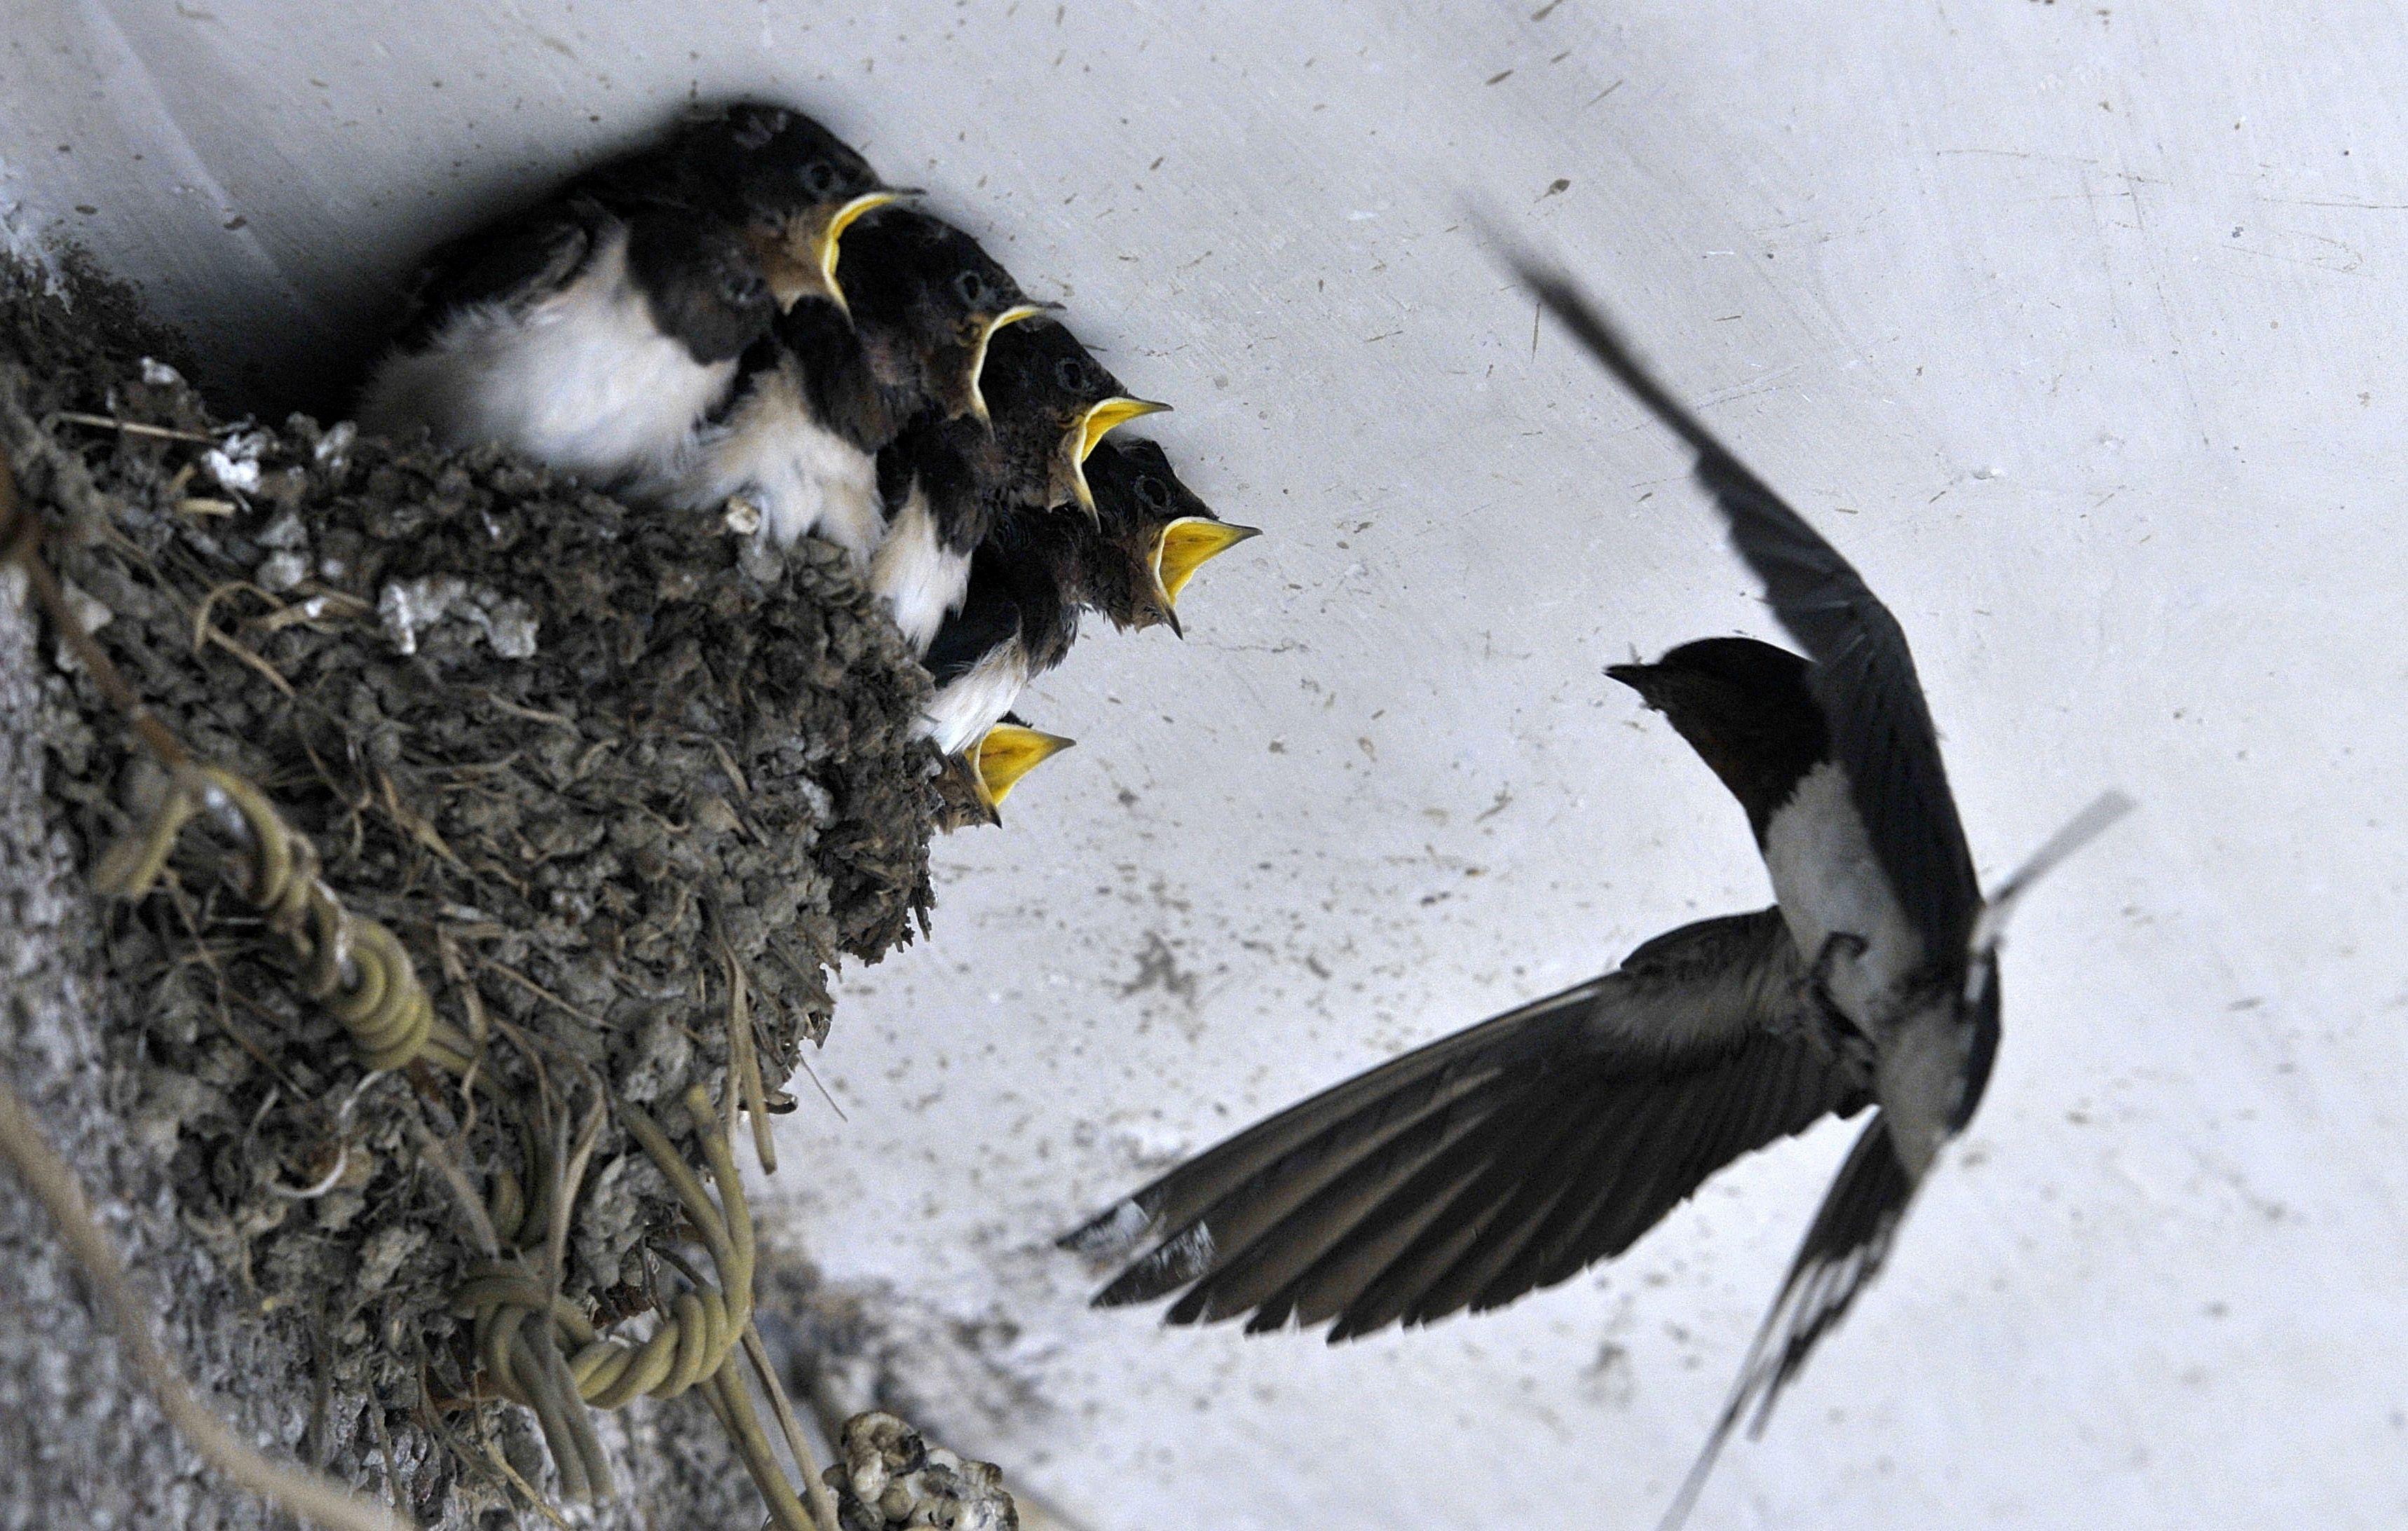 Burung Walet Memberi Makan Anak Anaknya Di Sebuah Atap Rumah Di